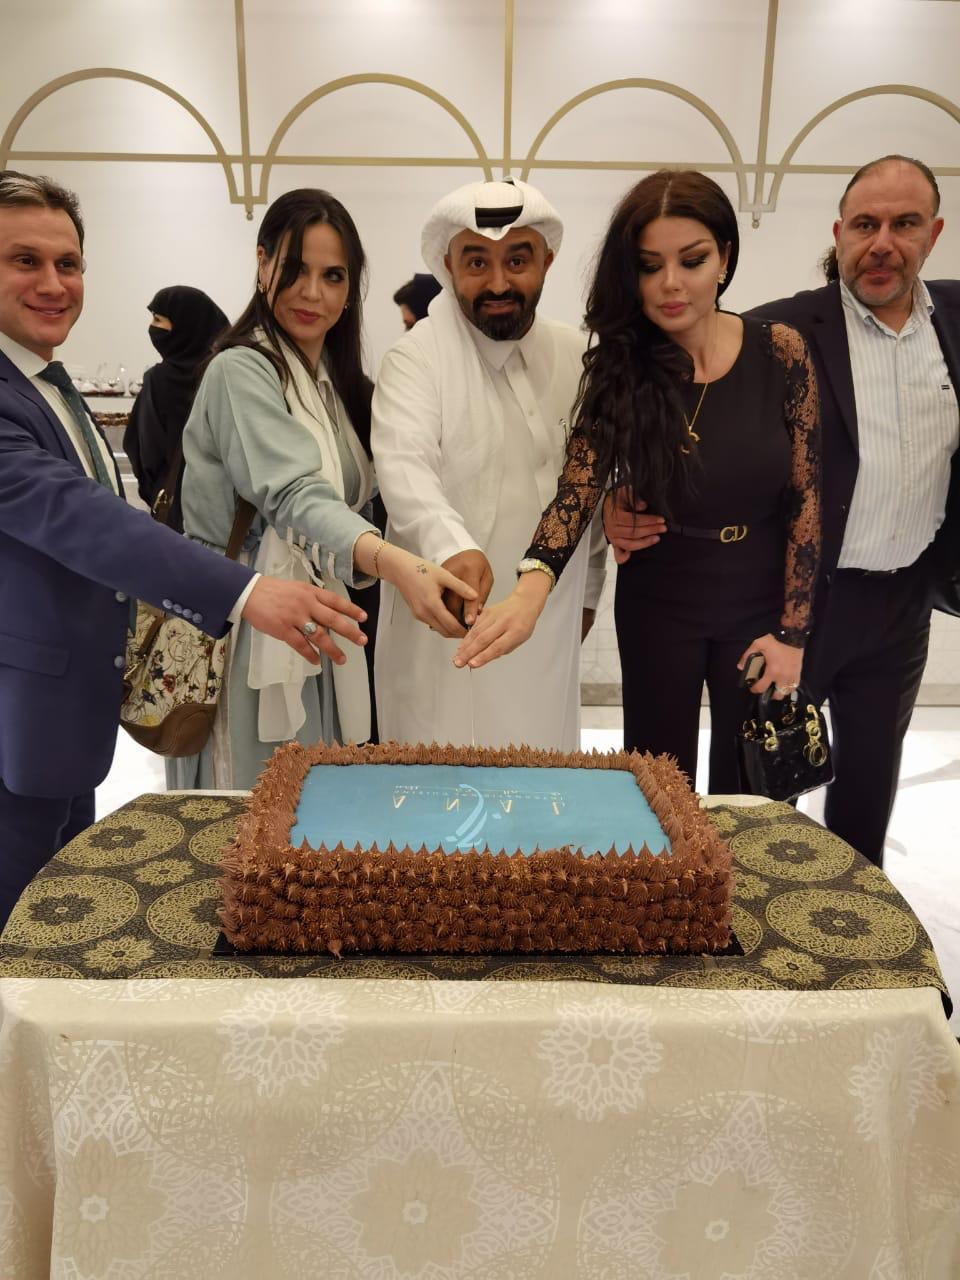 افتتاح مطعم جنا العالمي بعد عمل تجديدات الديكور في فندق بوتيك المشرق وسط حضور اهم الشخصيات وممثلي الاعلام في الرياض